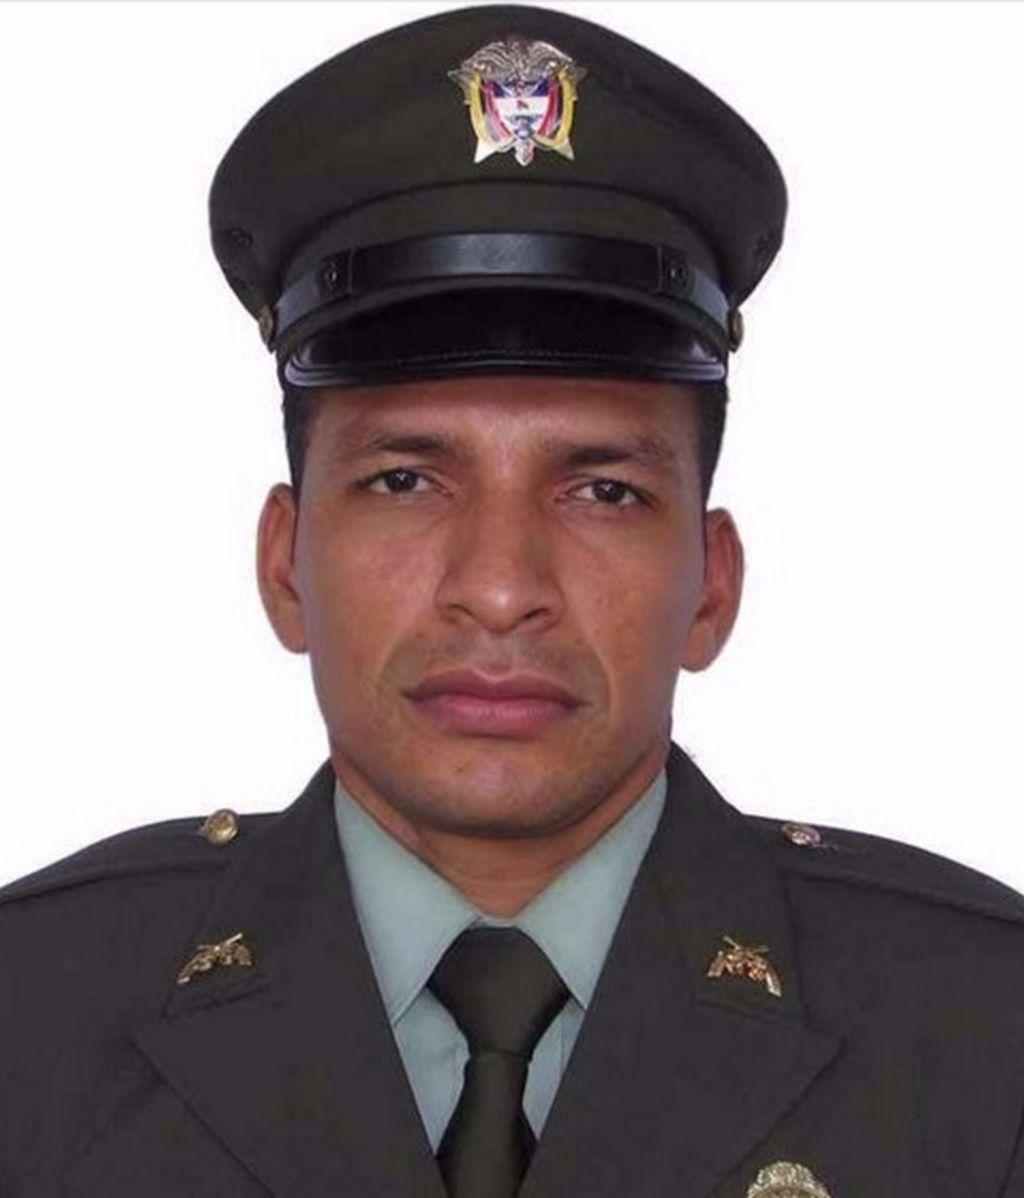 Muere un policía a causa de un disparo de un francotirador en una revuelta en Colombia